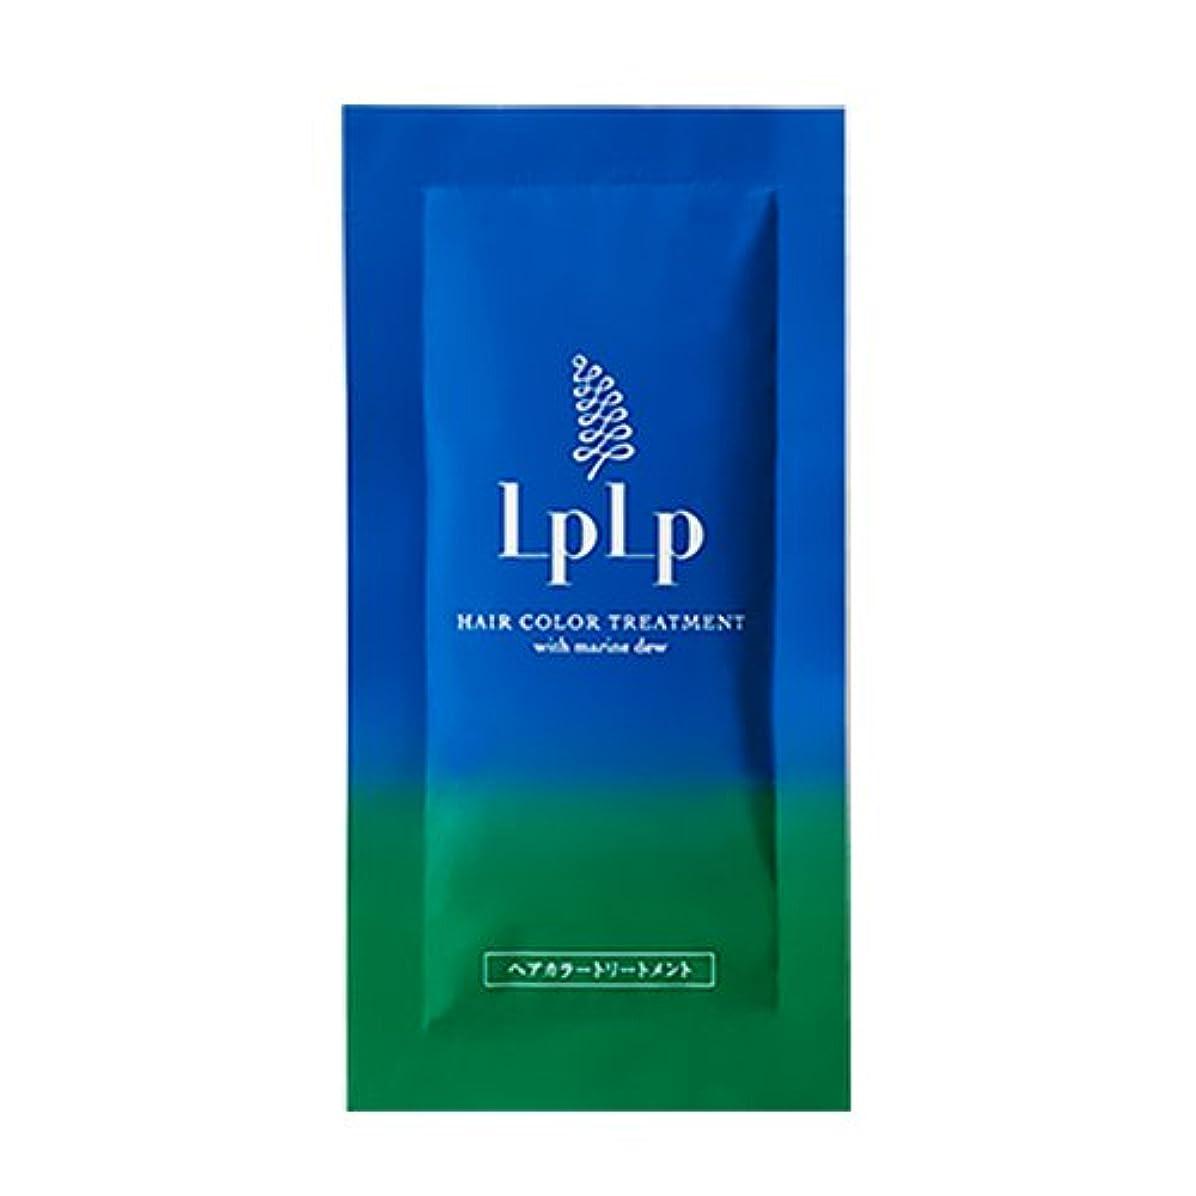 職人シャッフル人種LPLP(ルプルプ)ヘアカラートリートメントお試しパウチ ソフトブラック